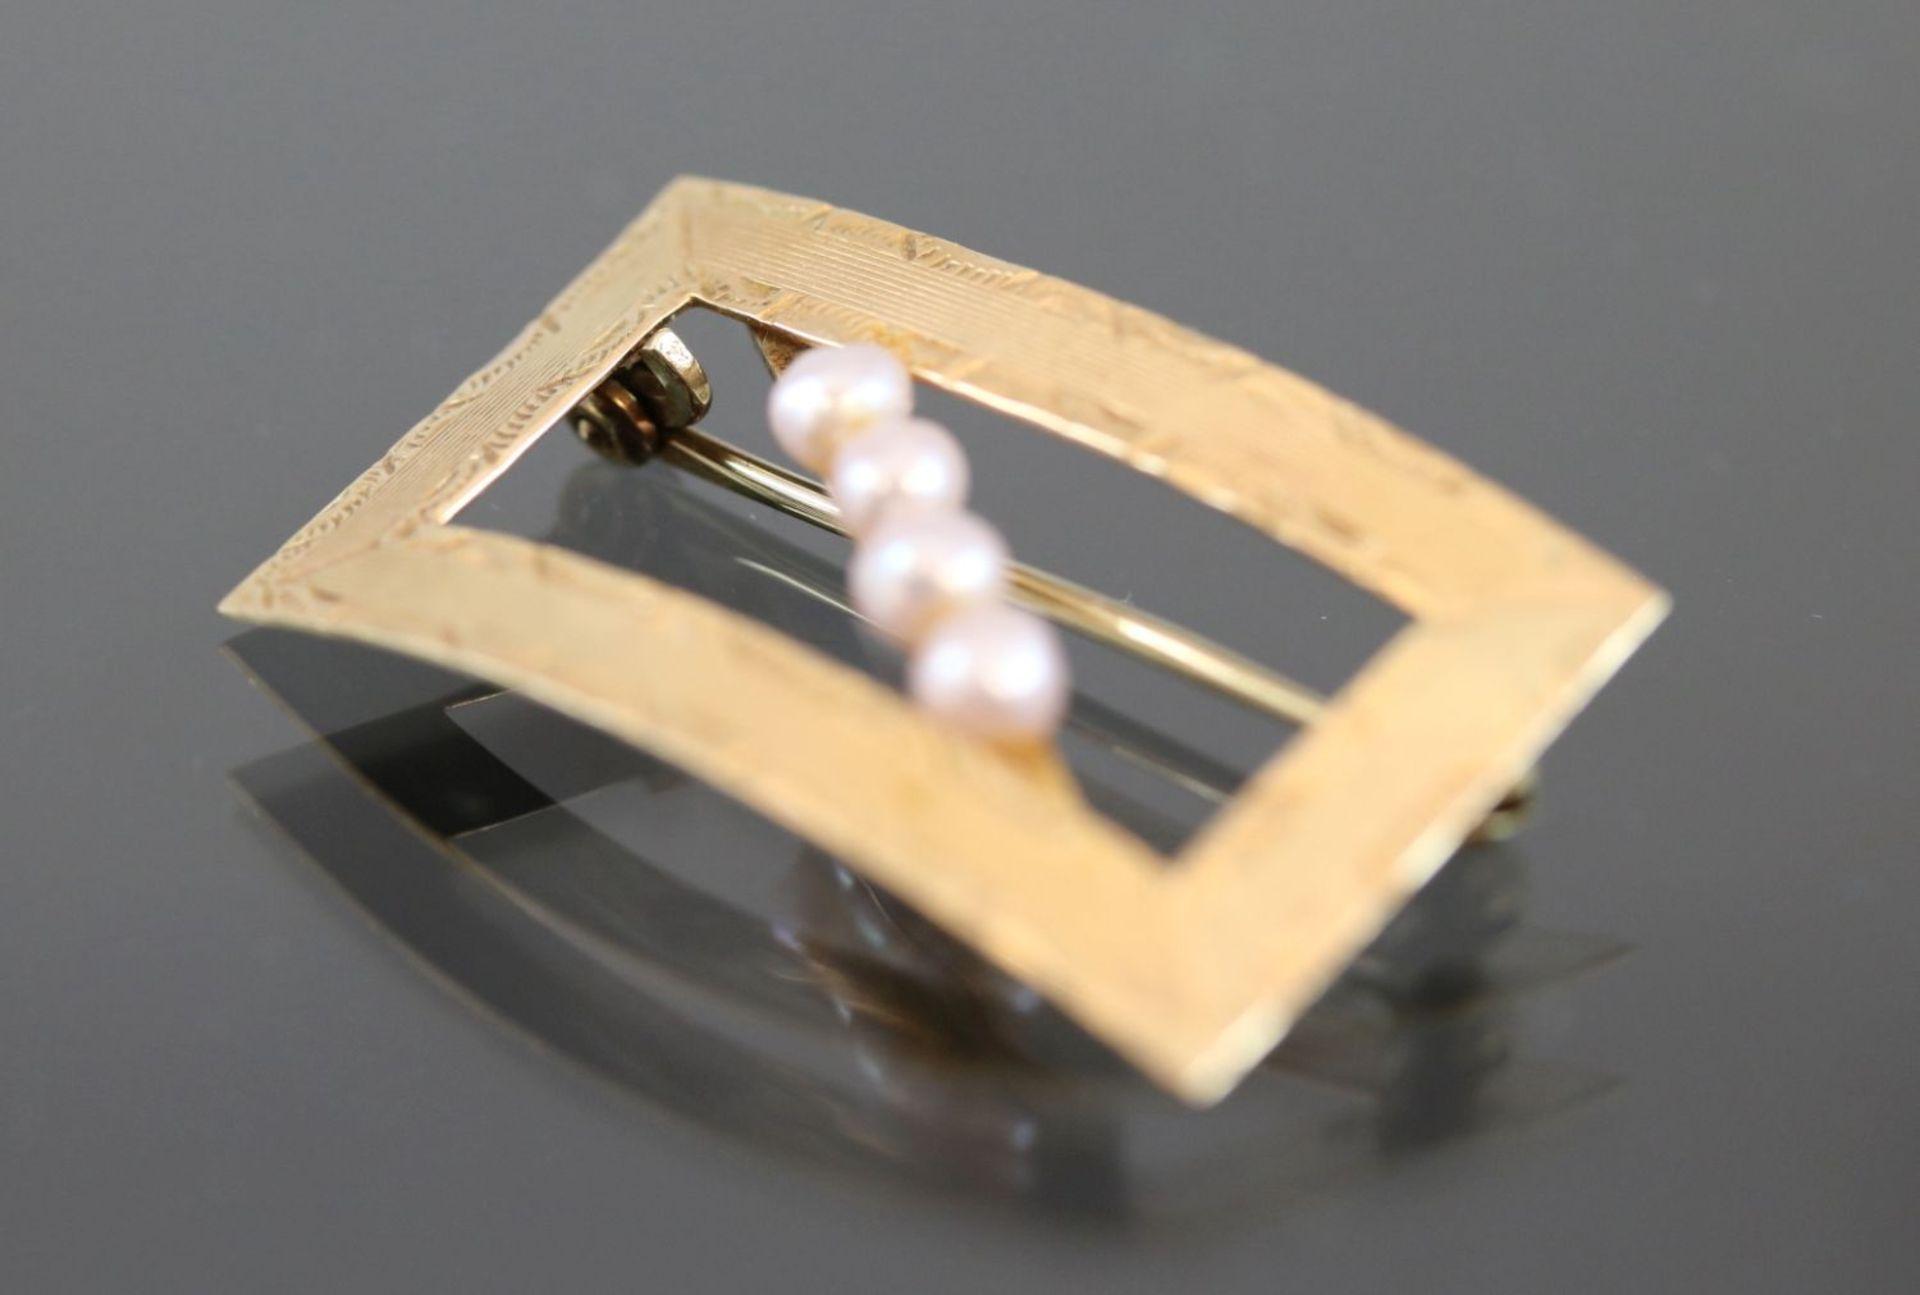 Perlen-Brosche, 585 Gold4,5 Gramm - Bild 3 aus 7